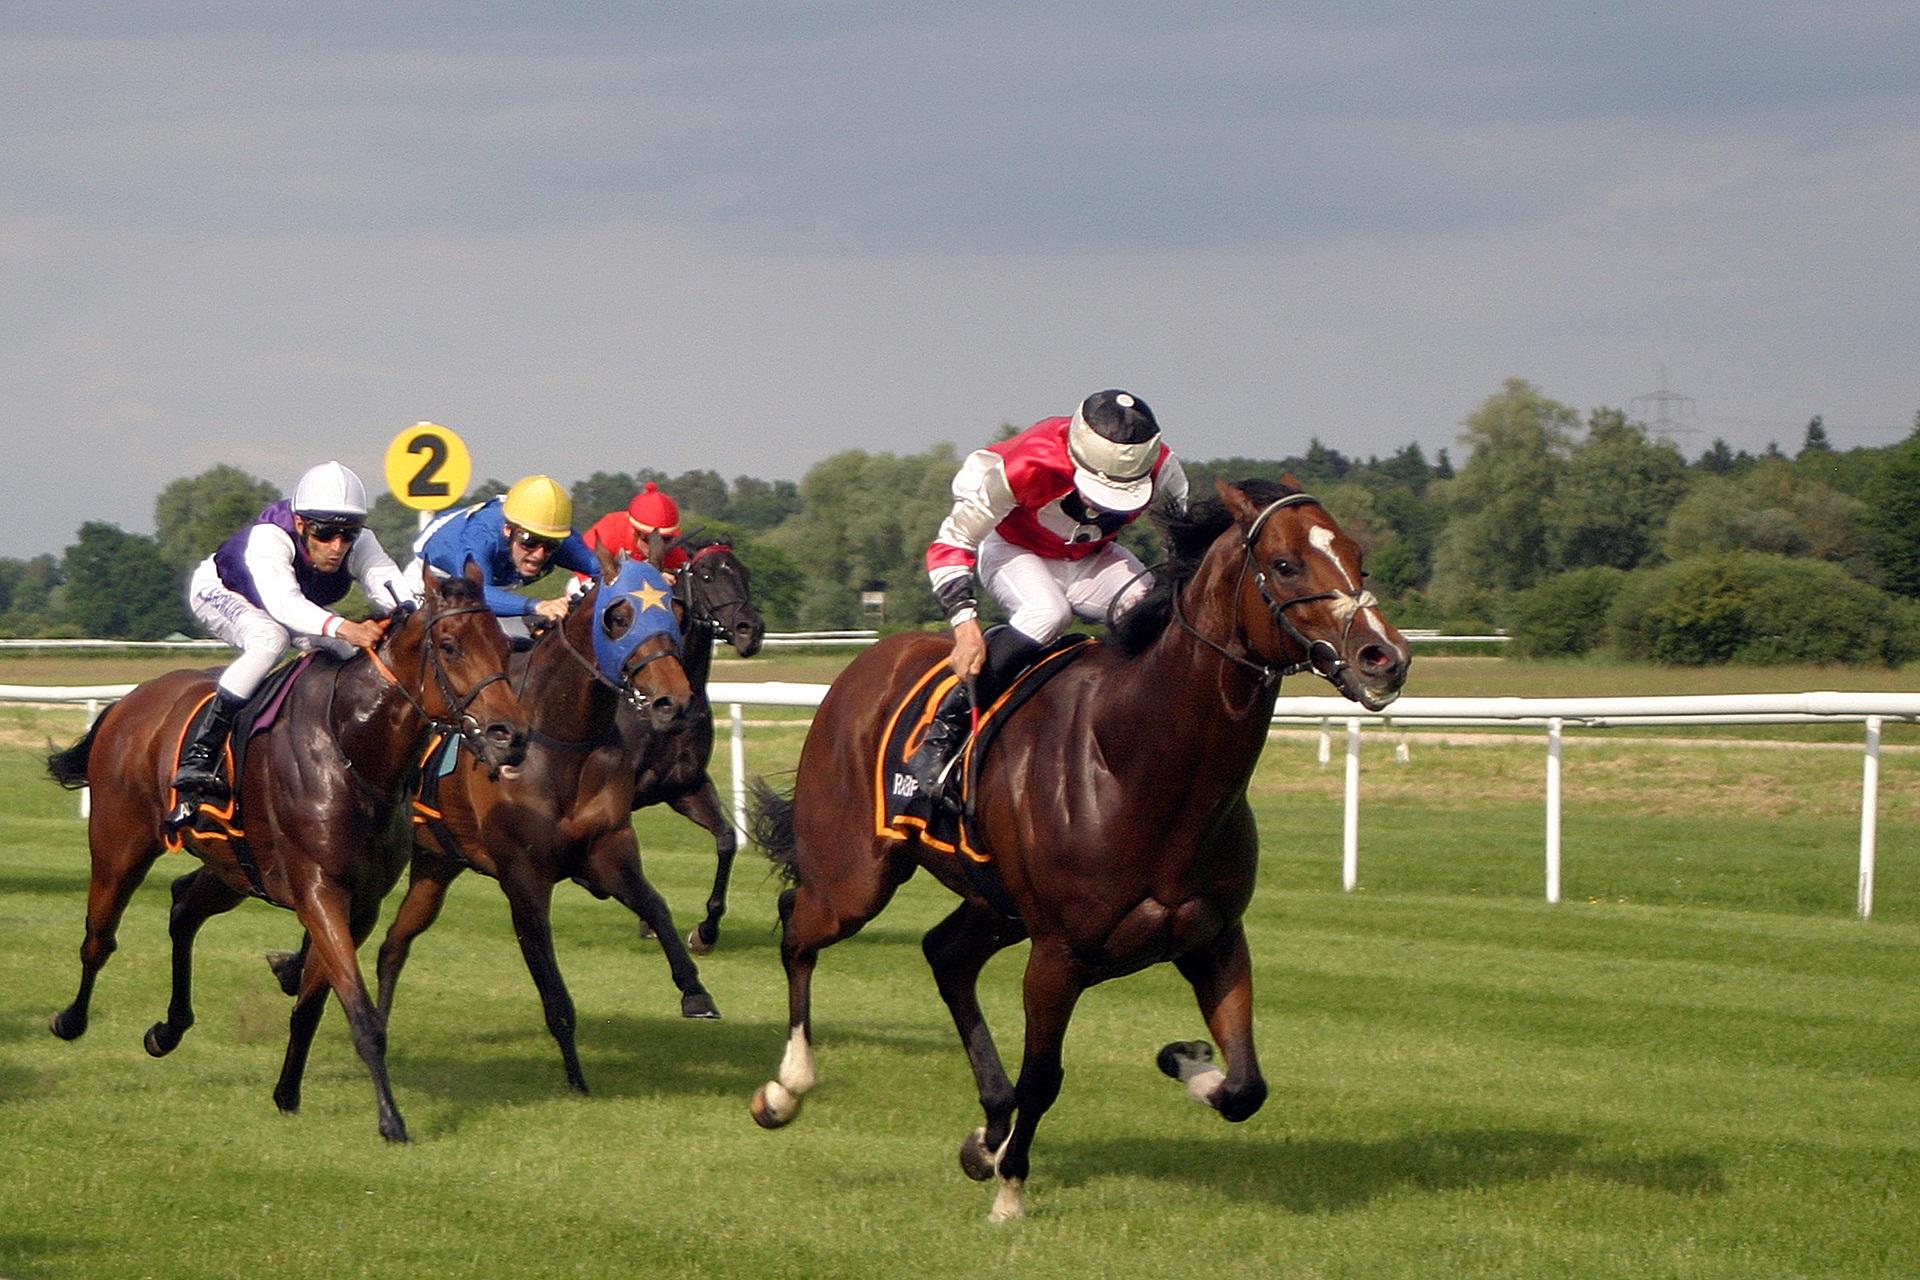 Pferderennen Mannheim